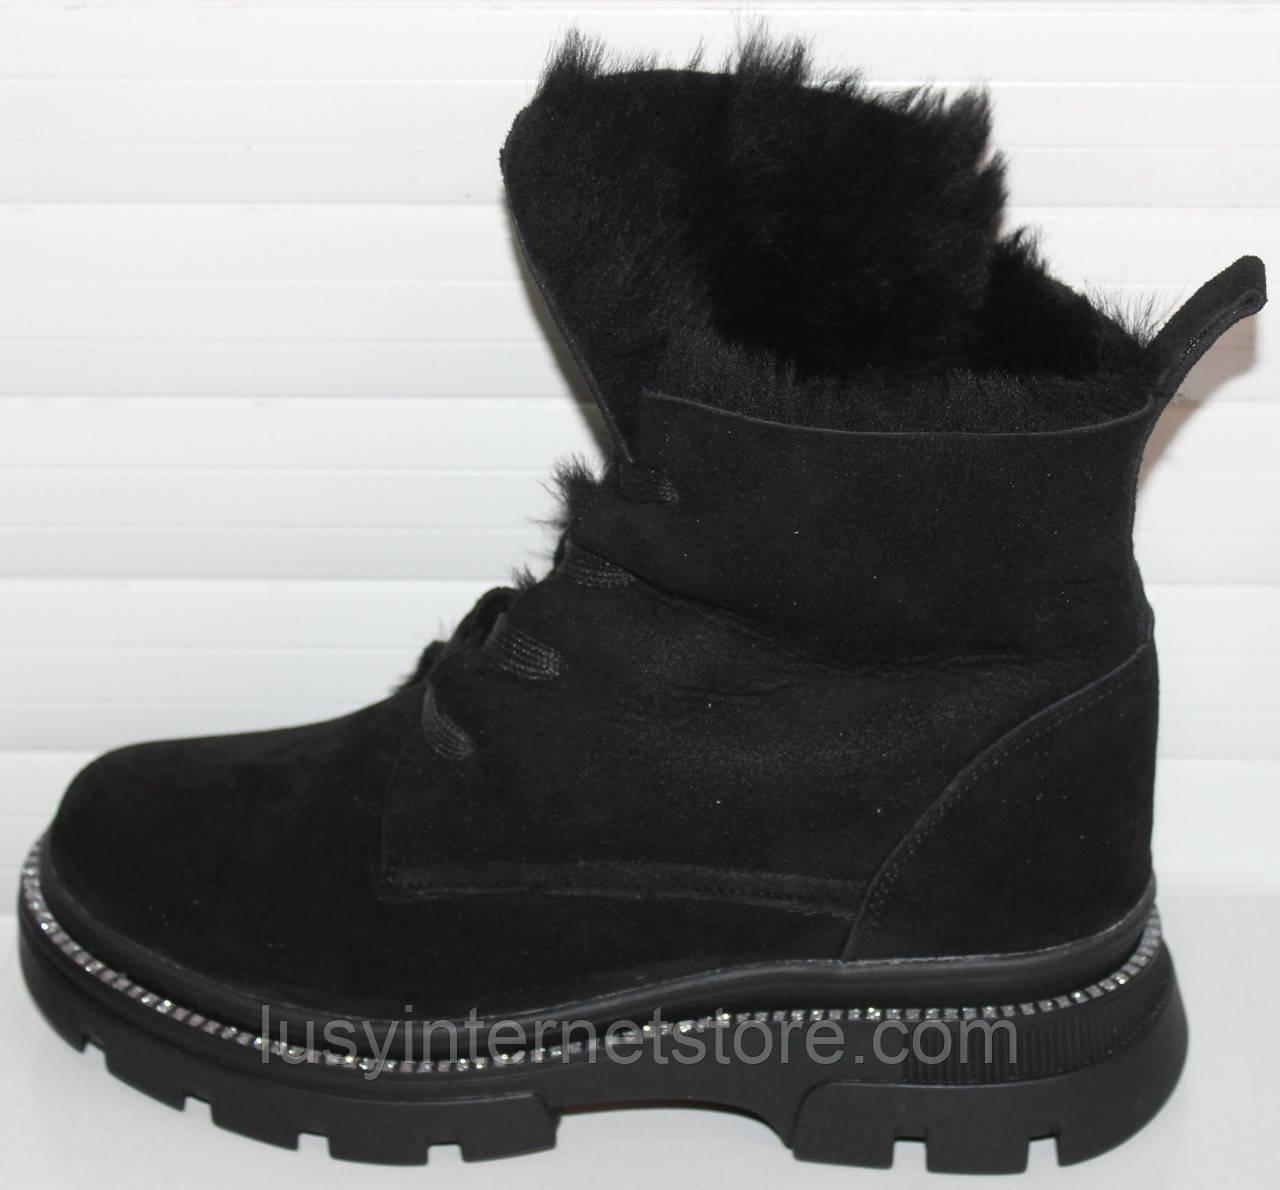 Ботинки женские зимние от производителя модель НП6-1